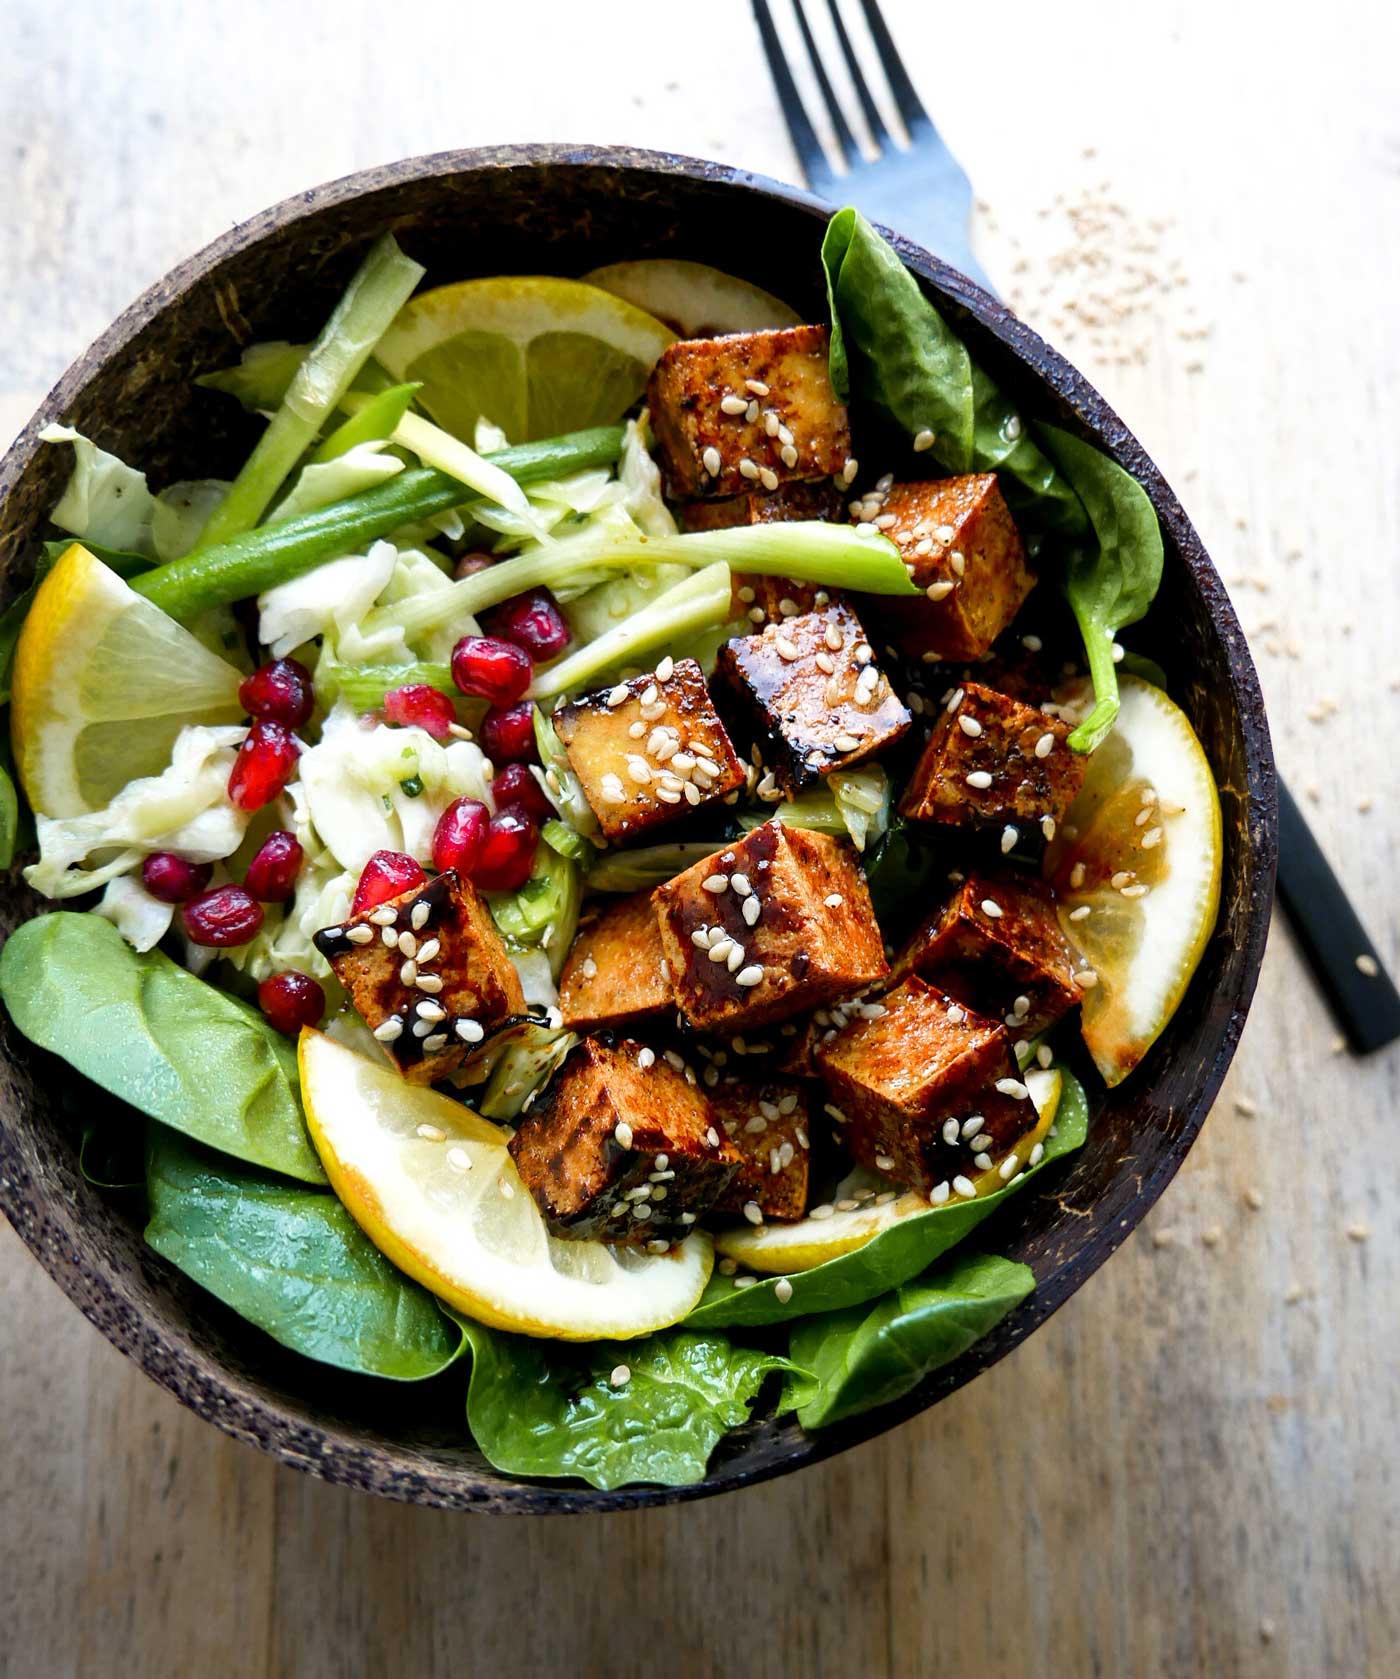 opskrift på vegans tofu bowls salat skål